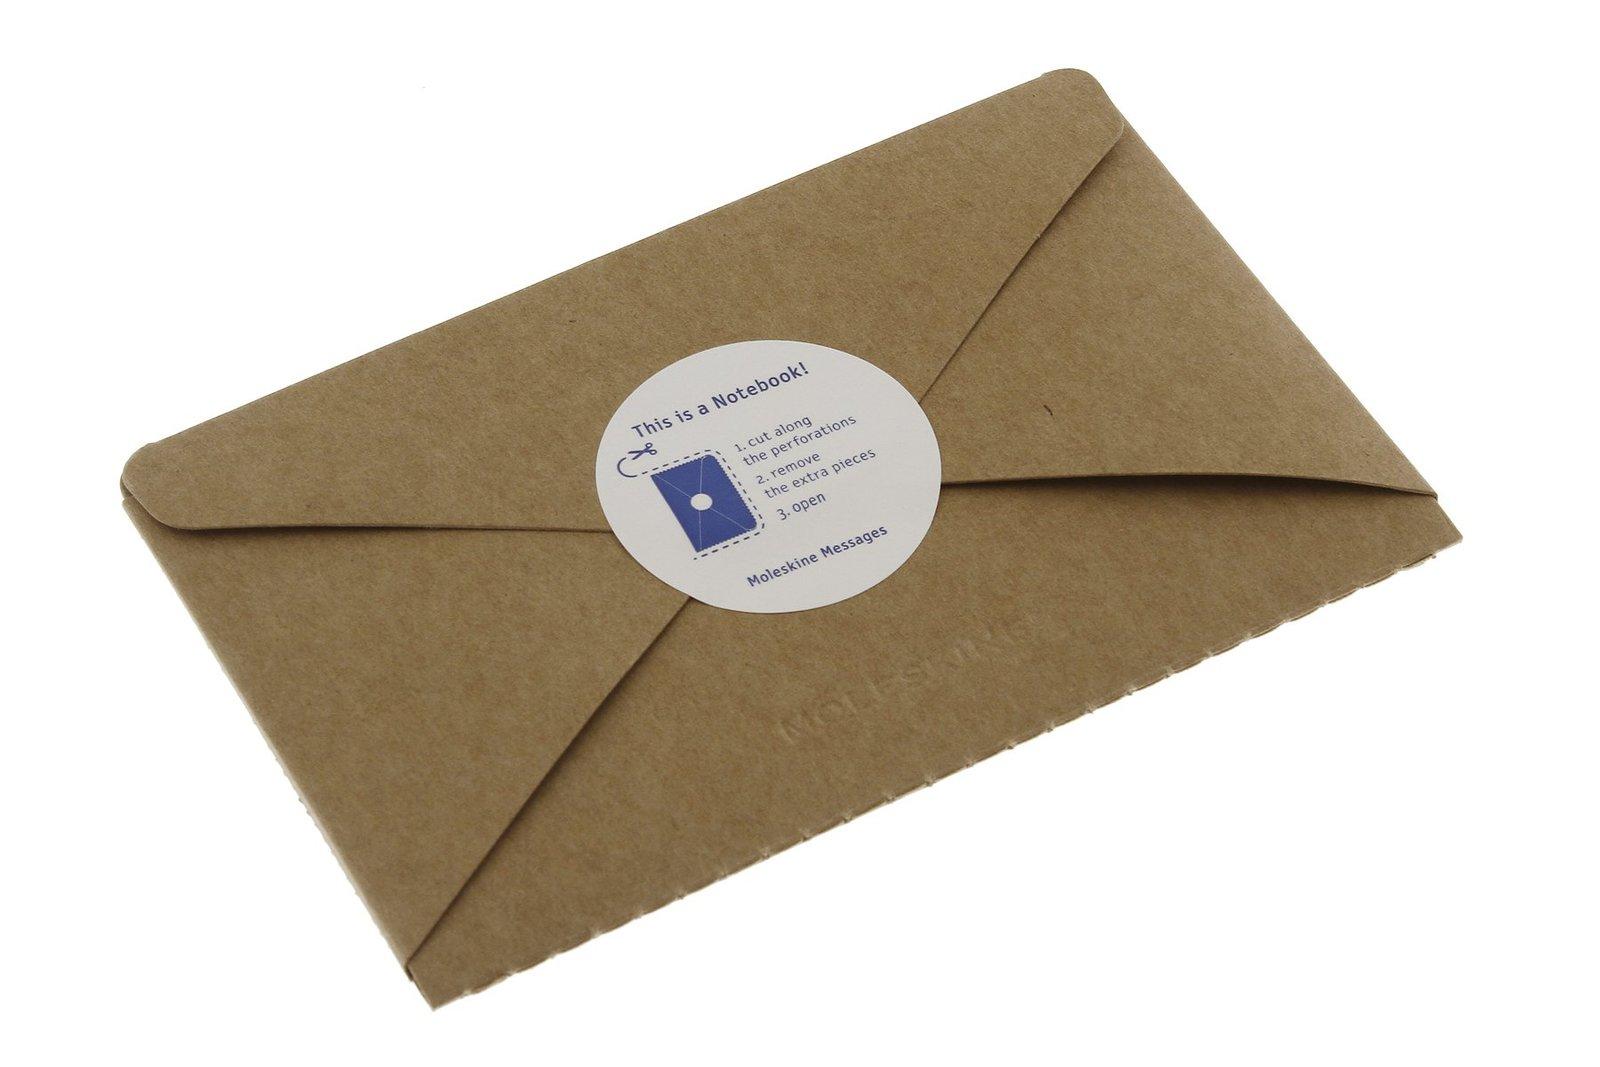 Moleskine Pocket Postal Notebook - Kraft Brown image